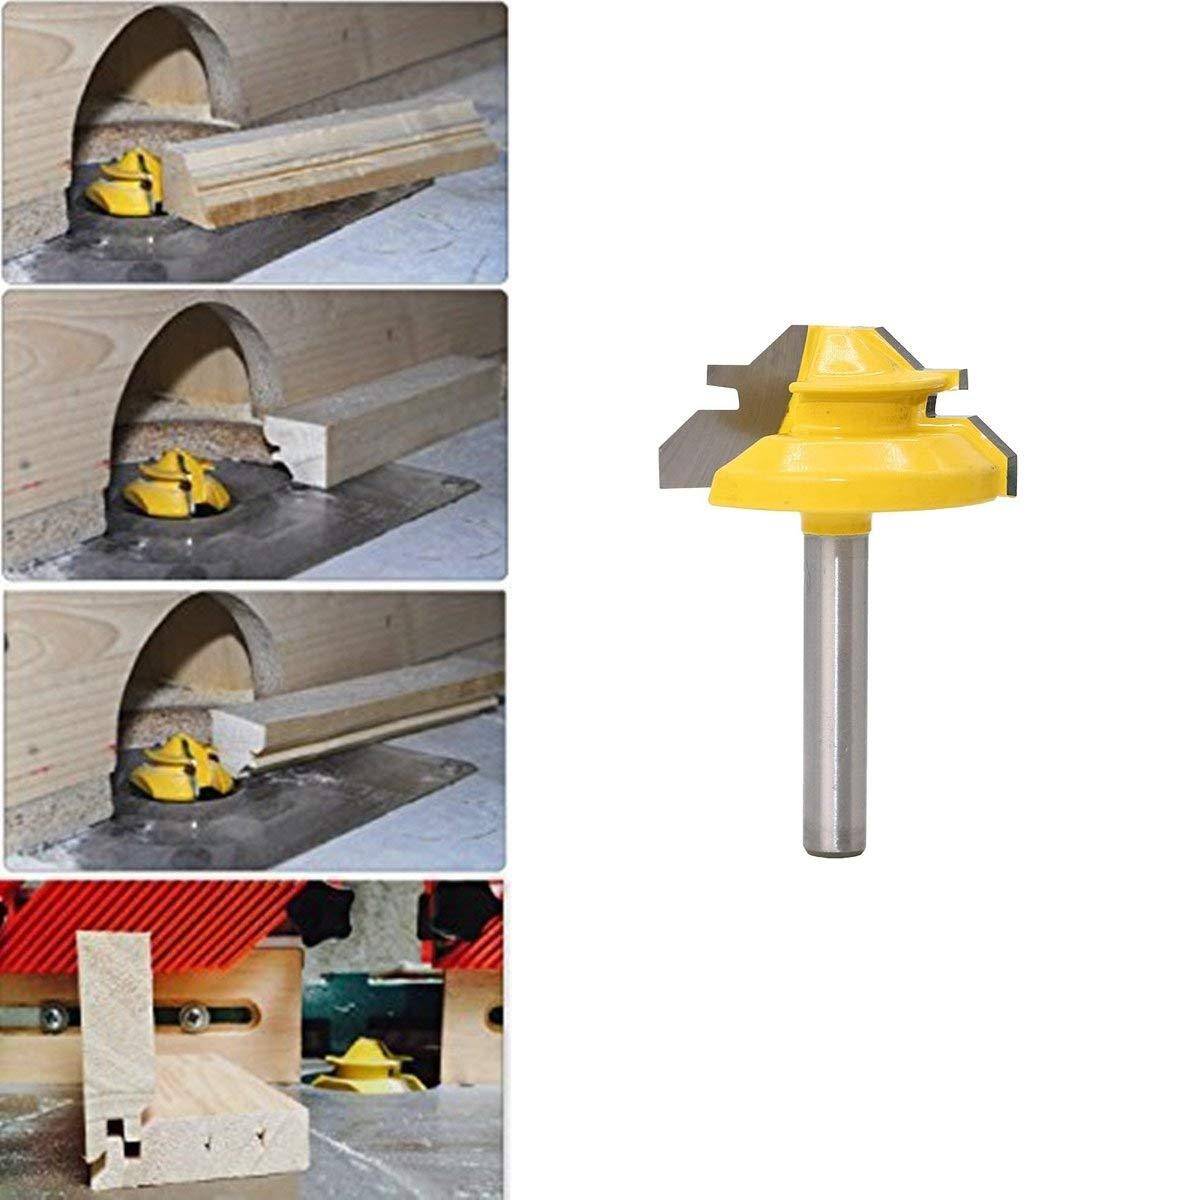 herramienta de carpinter/ía Godbless Cortador de juntas